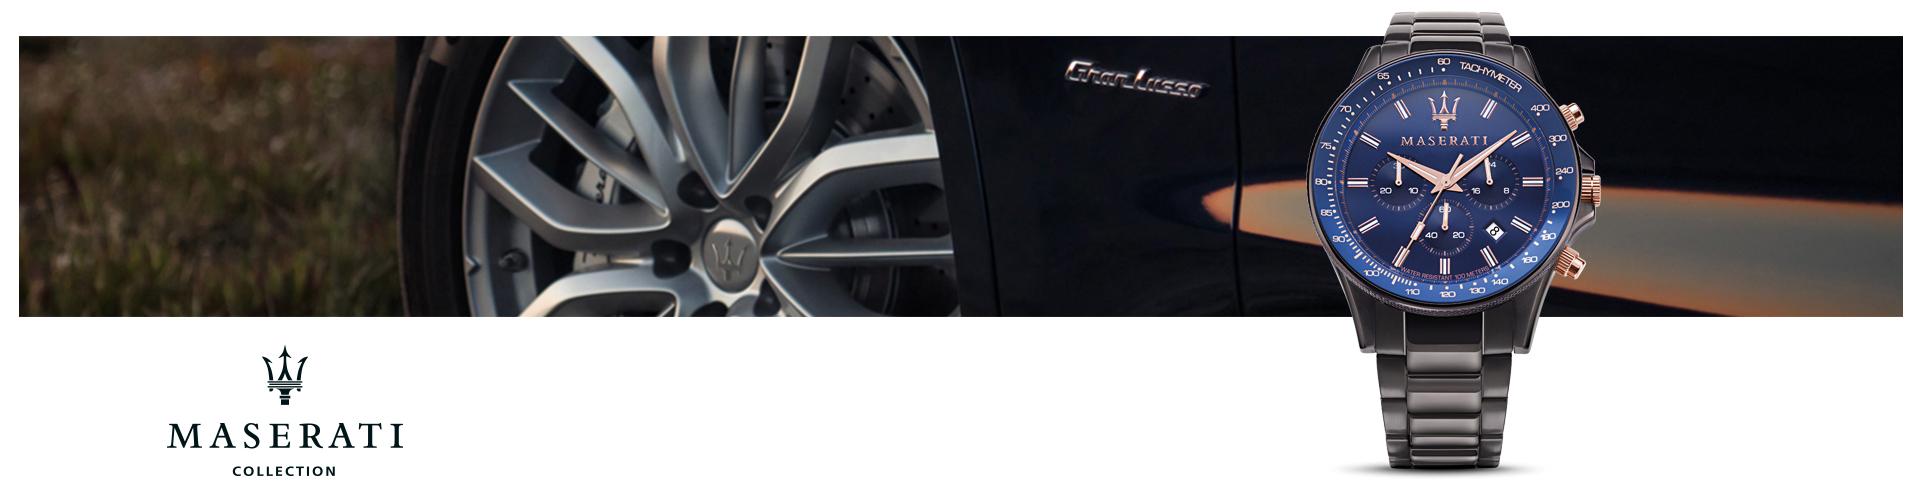 Maserati (моб)